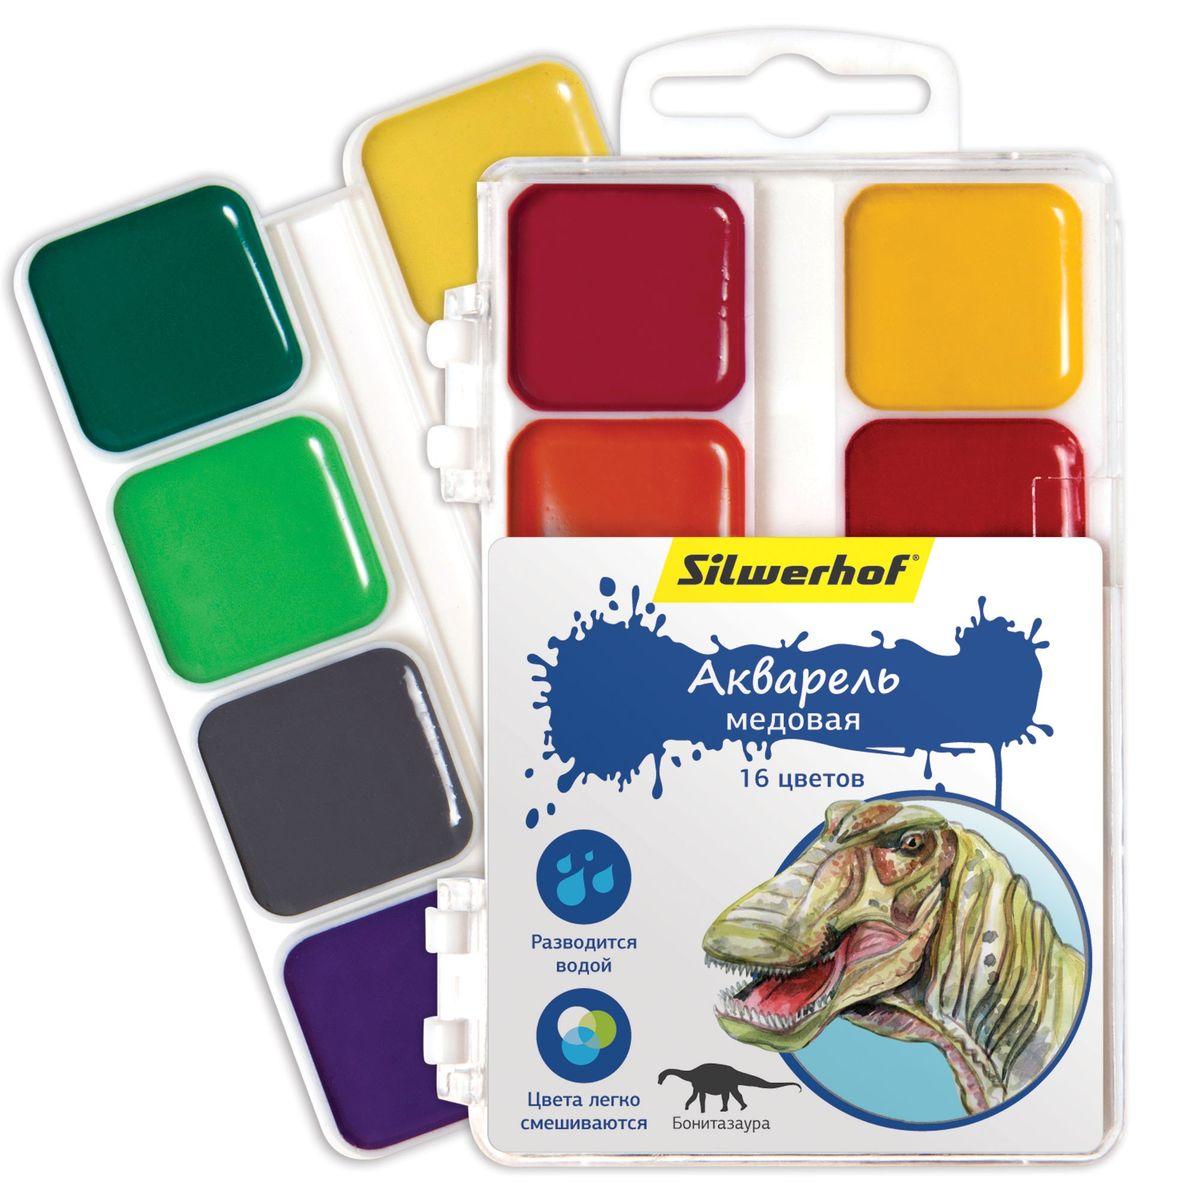 Silwerhof Акварель медовая Динозавры 16 цветов8С 405-08Медовая акварель Silwerhof Динозавры идеально подходит для детского творчества и живописных работ на бумаге и картоне.Яркие и насыщенные цвета красок. Все цвета легко смешиваются между собой, образуя целый спектр новых оттенков. Краски легко разводятся водой, быстро высыхают.Состав: декстрин, глицерин дистиллированный, сахар, мел, пигменты, консервант, вода питьевая.